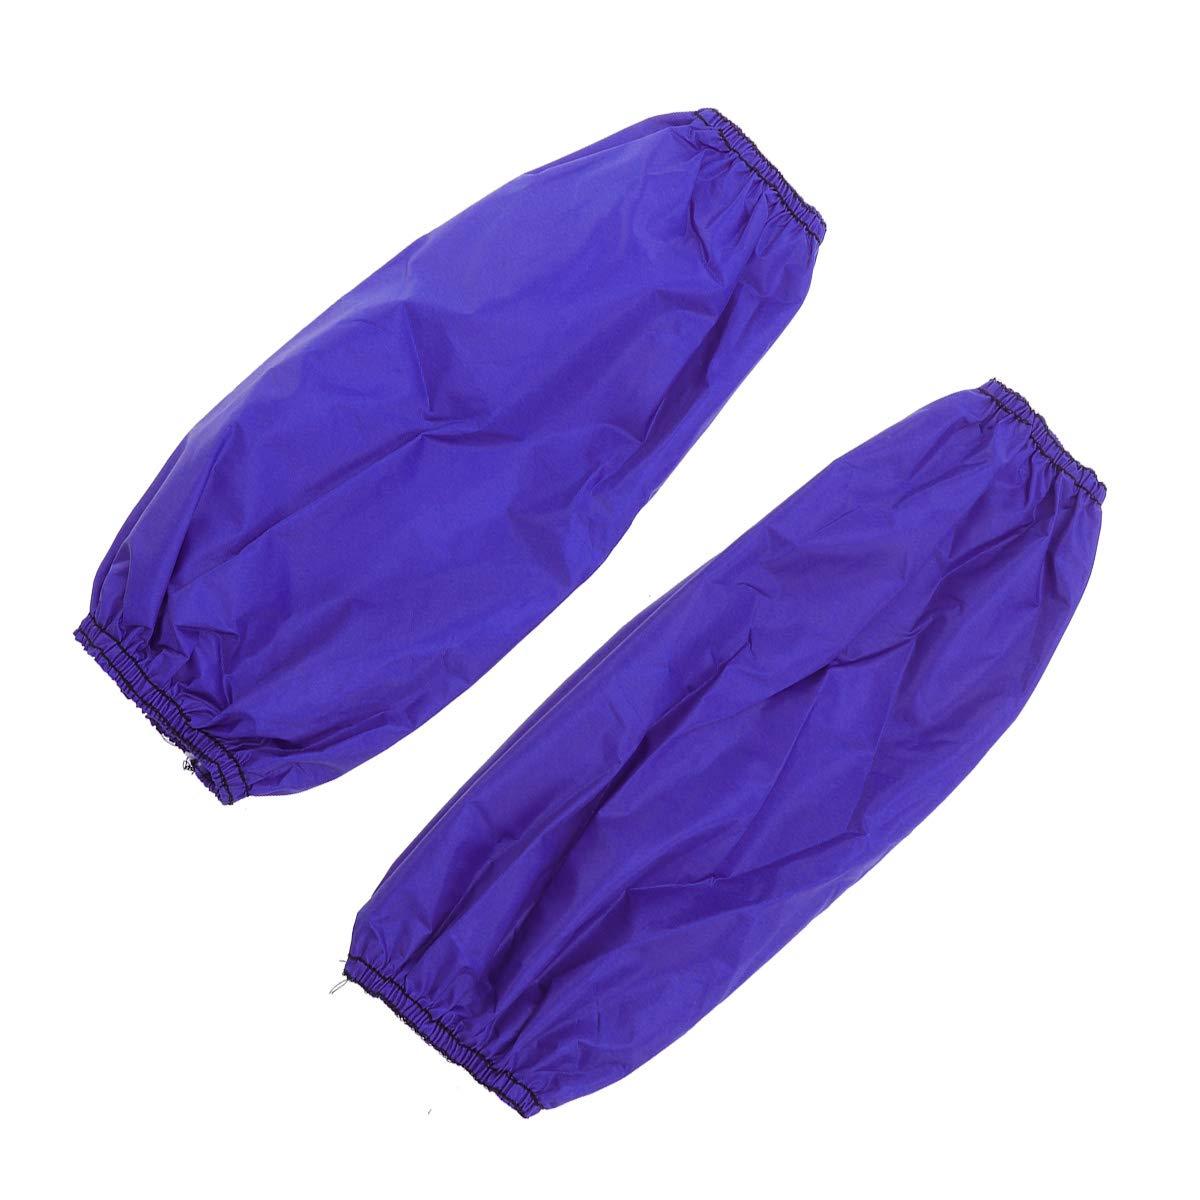 HEALIFTY Manicotti impermeabili antifouling con maniche antiolio in PVC antipioggia Manicotti maniche corte Manicotti da cucina 1Pair blu